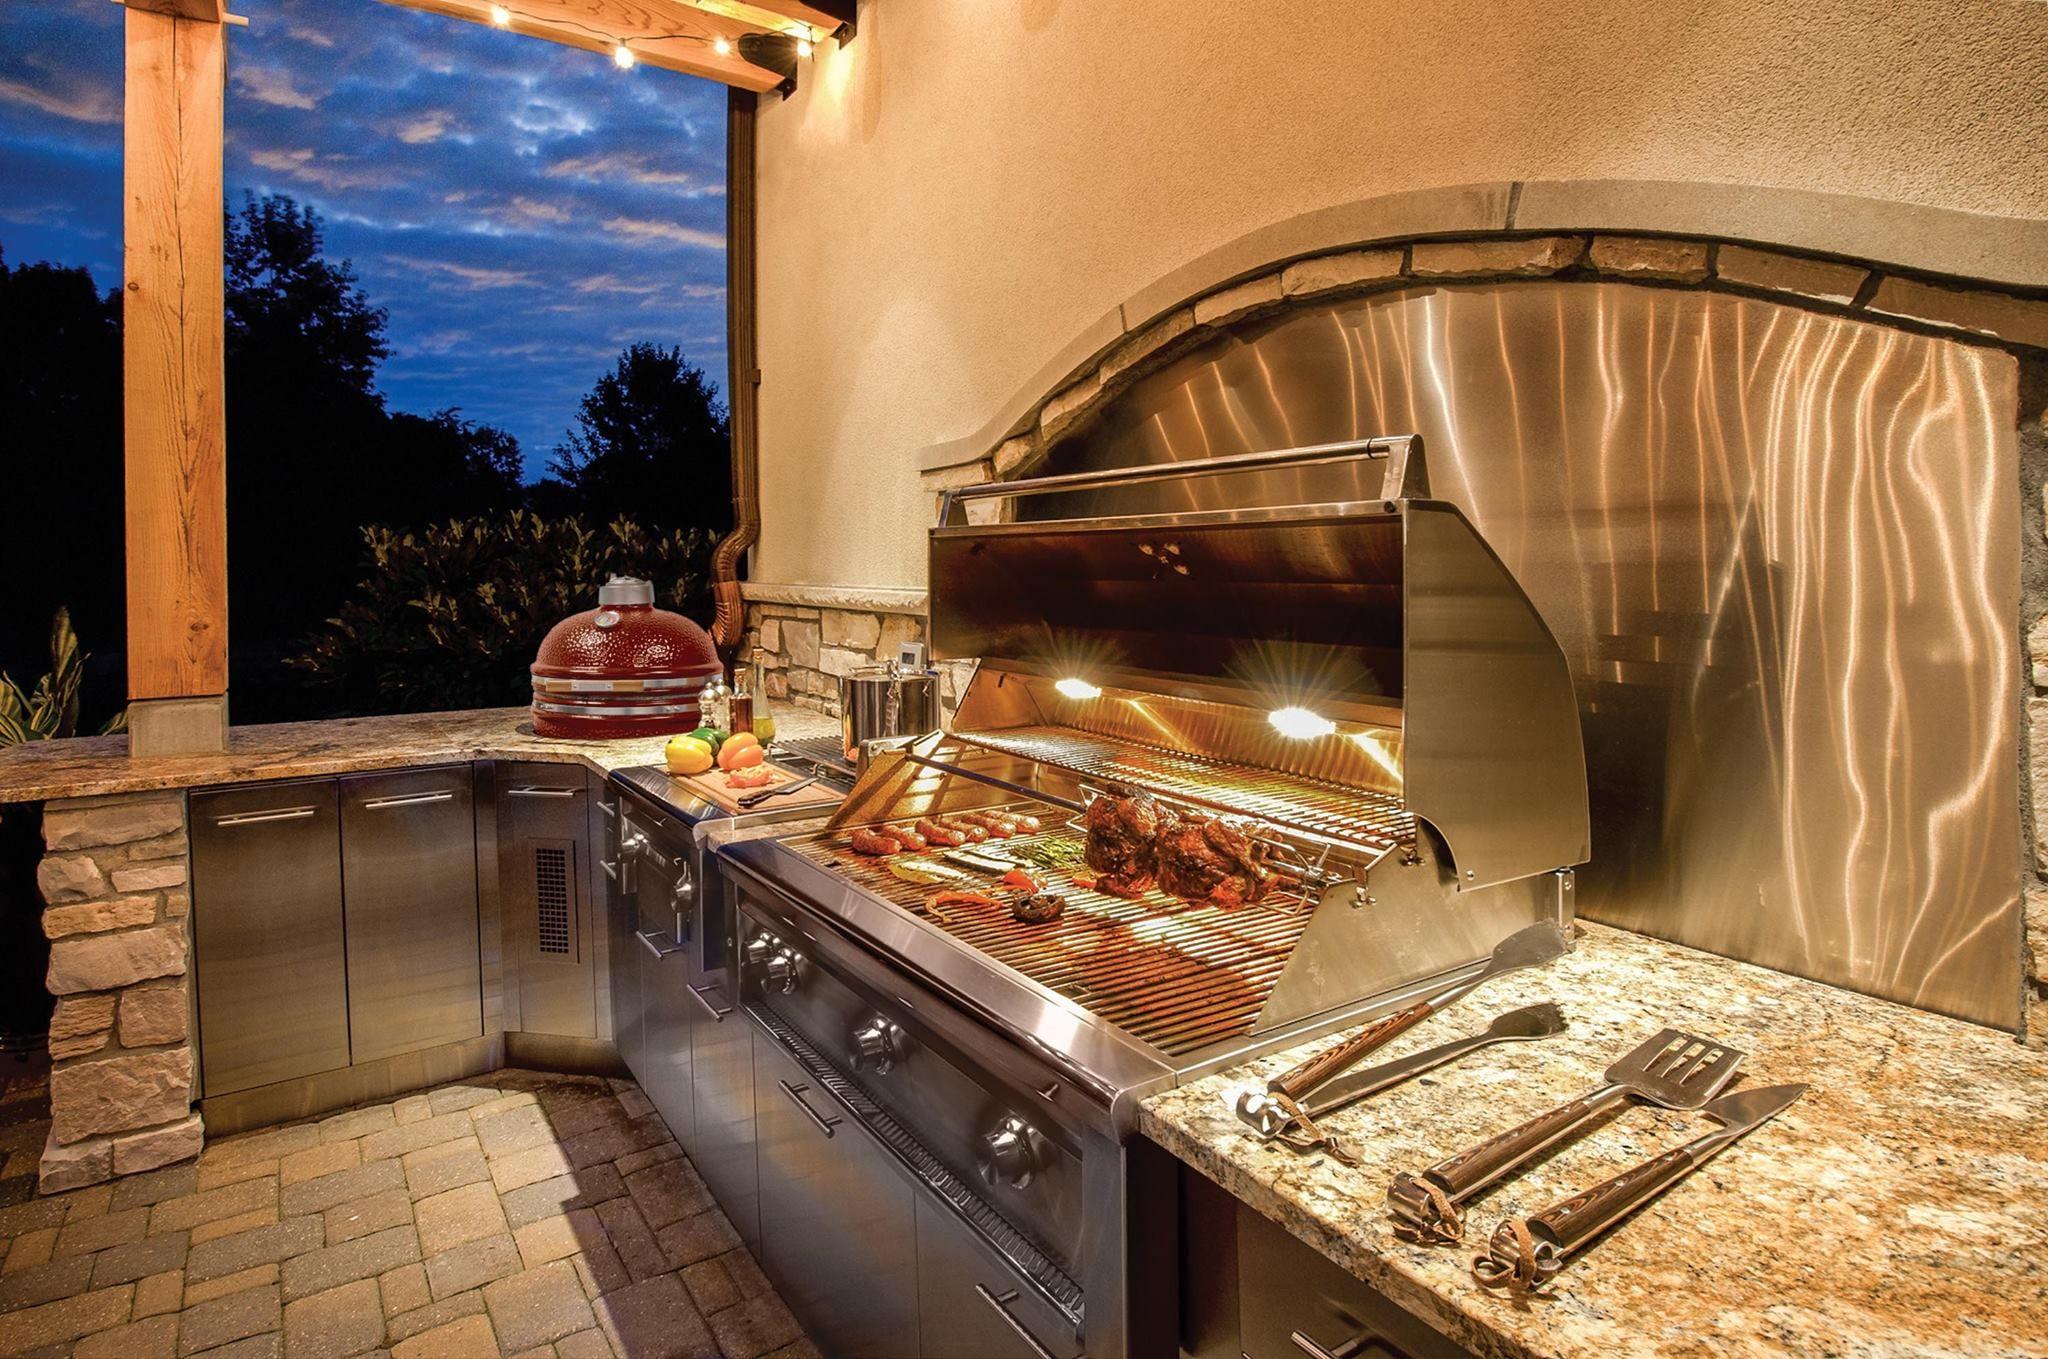 Türen Für Außenküche : Die bbqpit outdoorküche u außenküche bbqpit grillrezepte